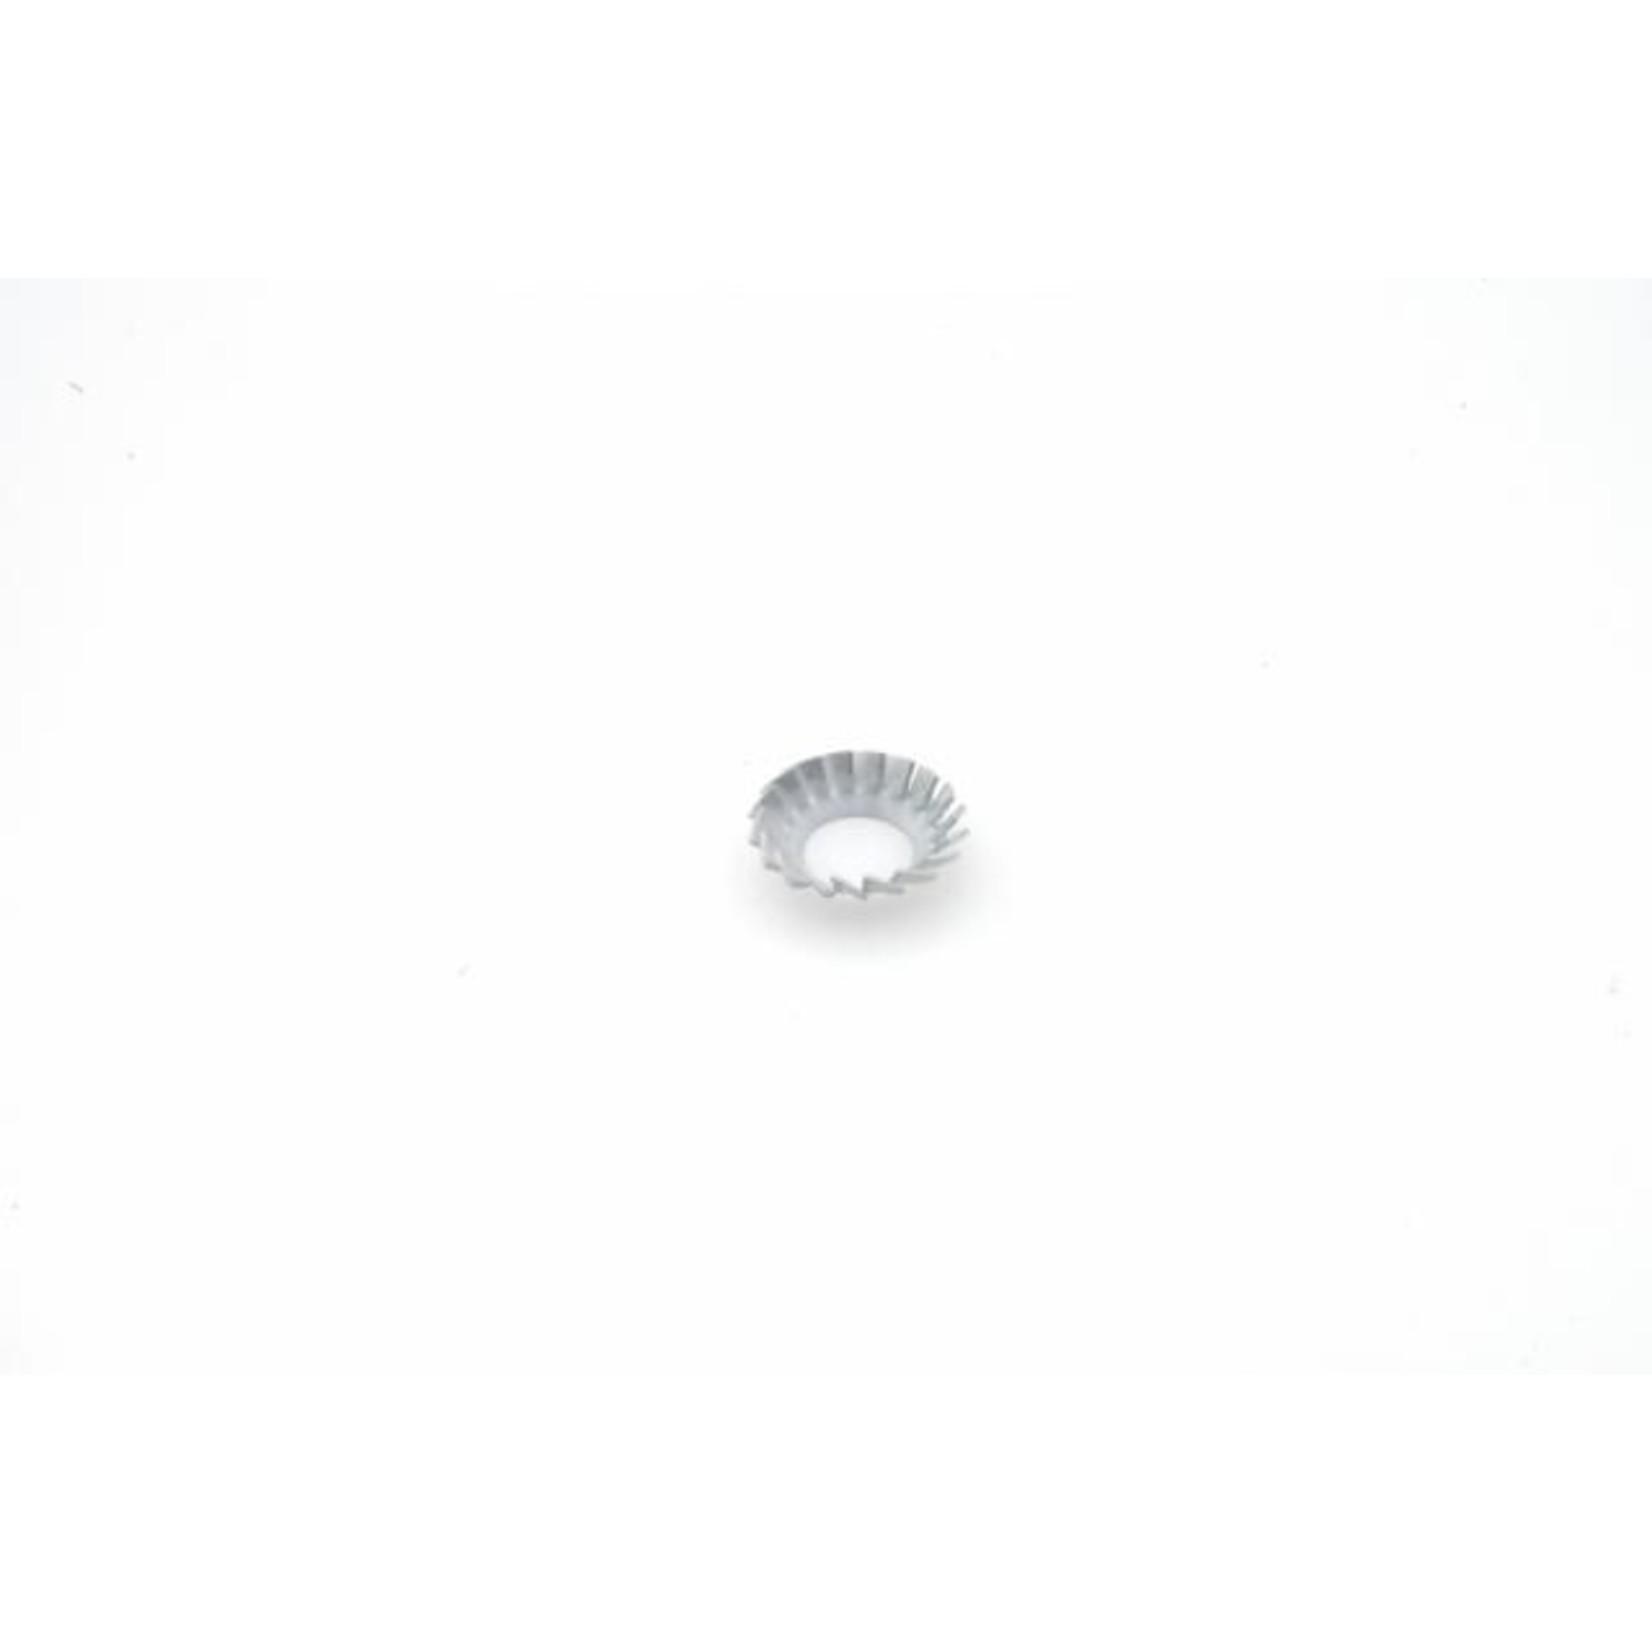 Kartelring slotvanger chroom Nr Org: DS84156